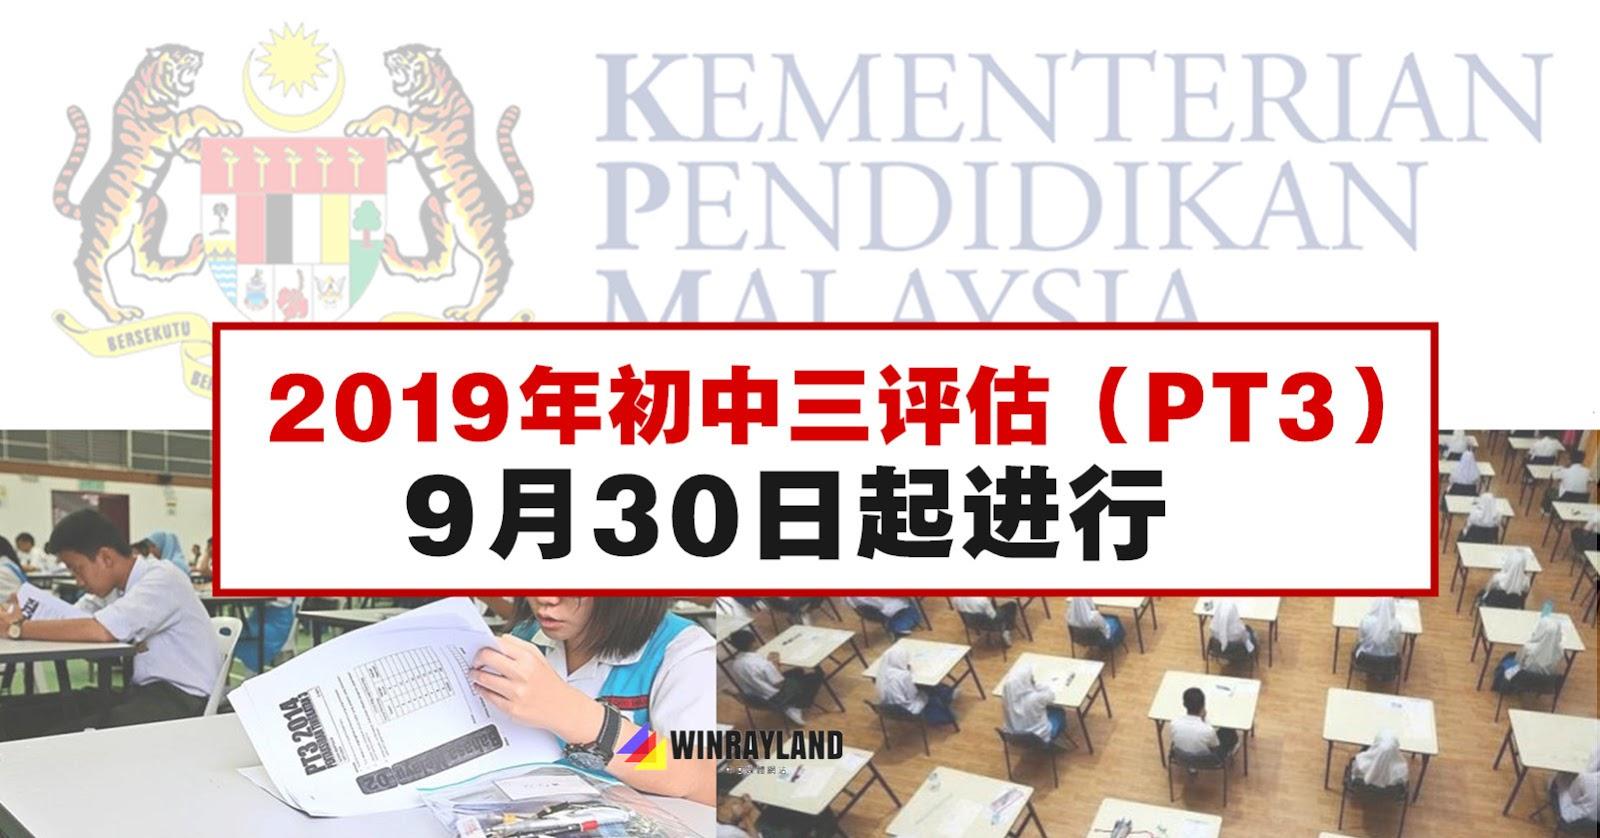 2019年初中三评估(PT3)9月30日进行